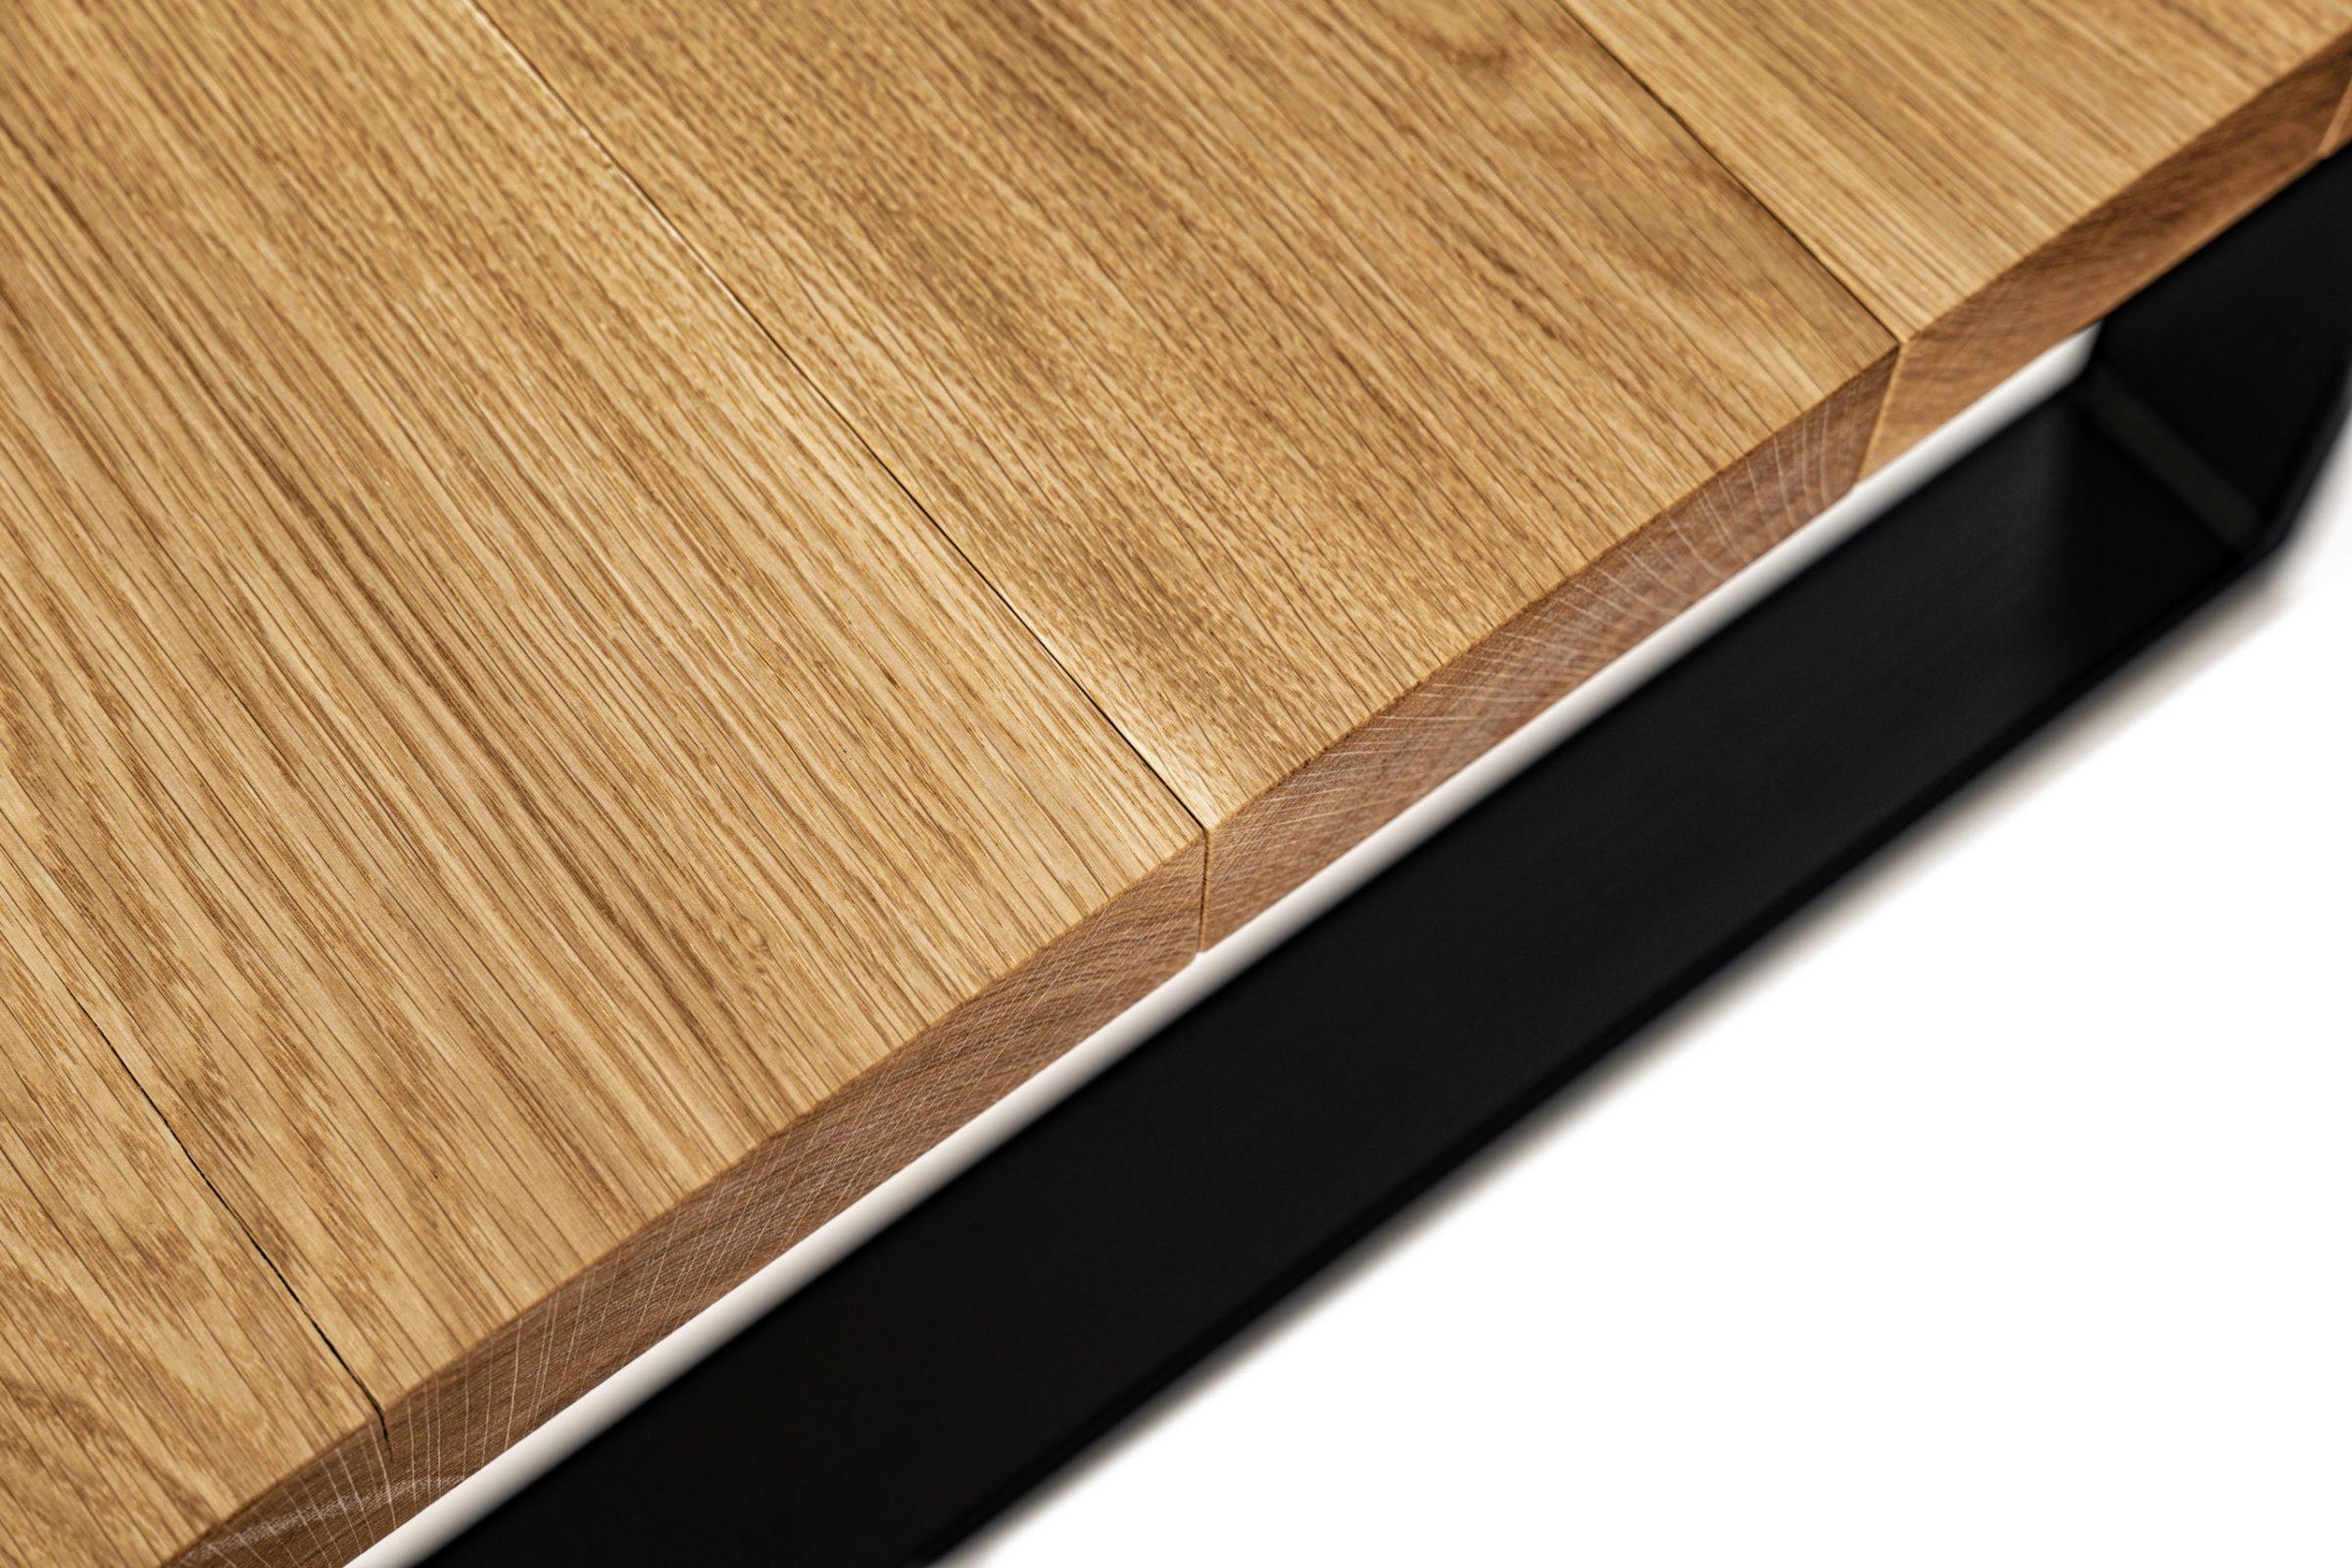 OPA ERWIN Esstisch No. 1 aus Mondholz Eiche 4,5cm Massivholzplatte Detail-2